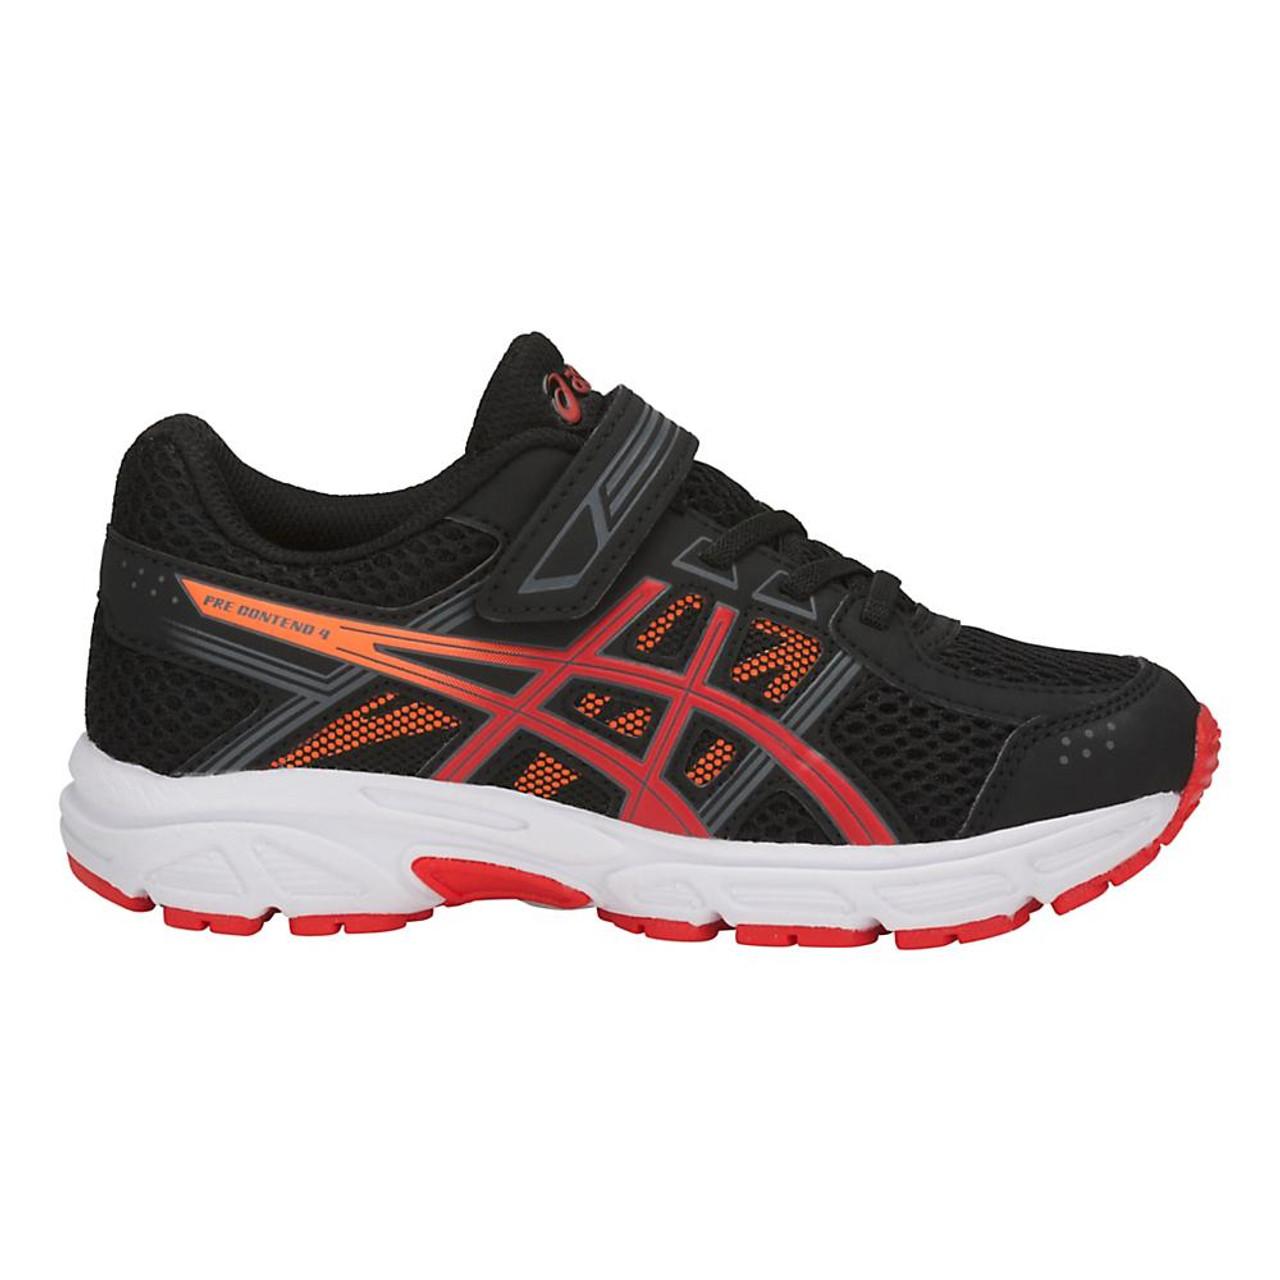 Kids ASICS PRE-Contend 4 Running Shoe